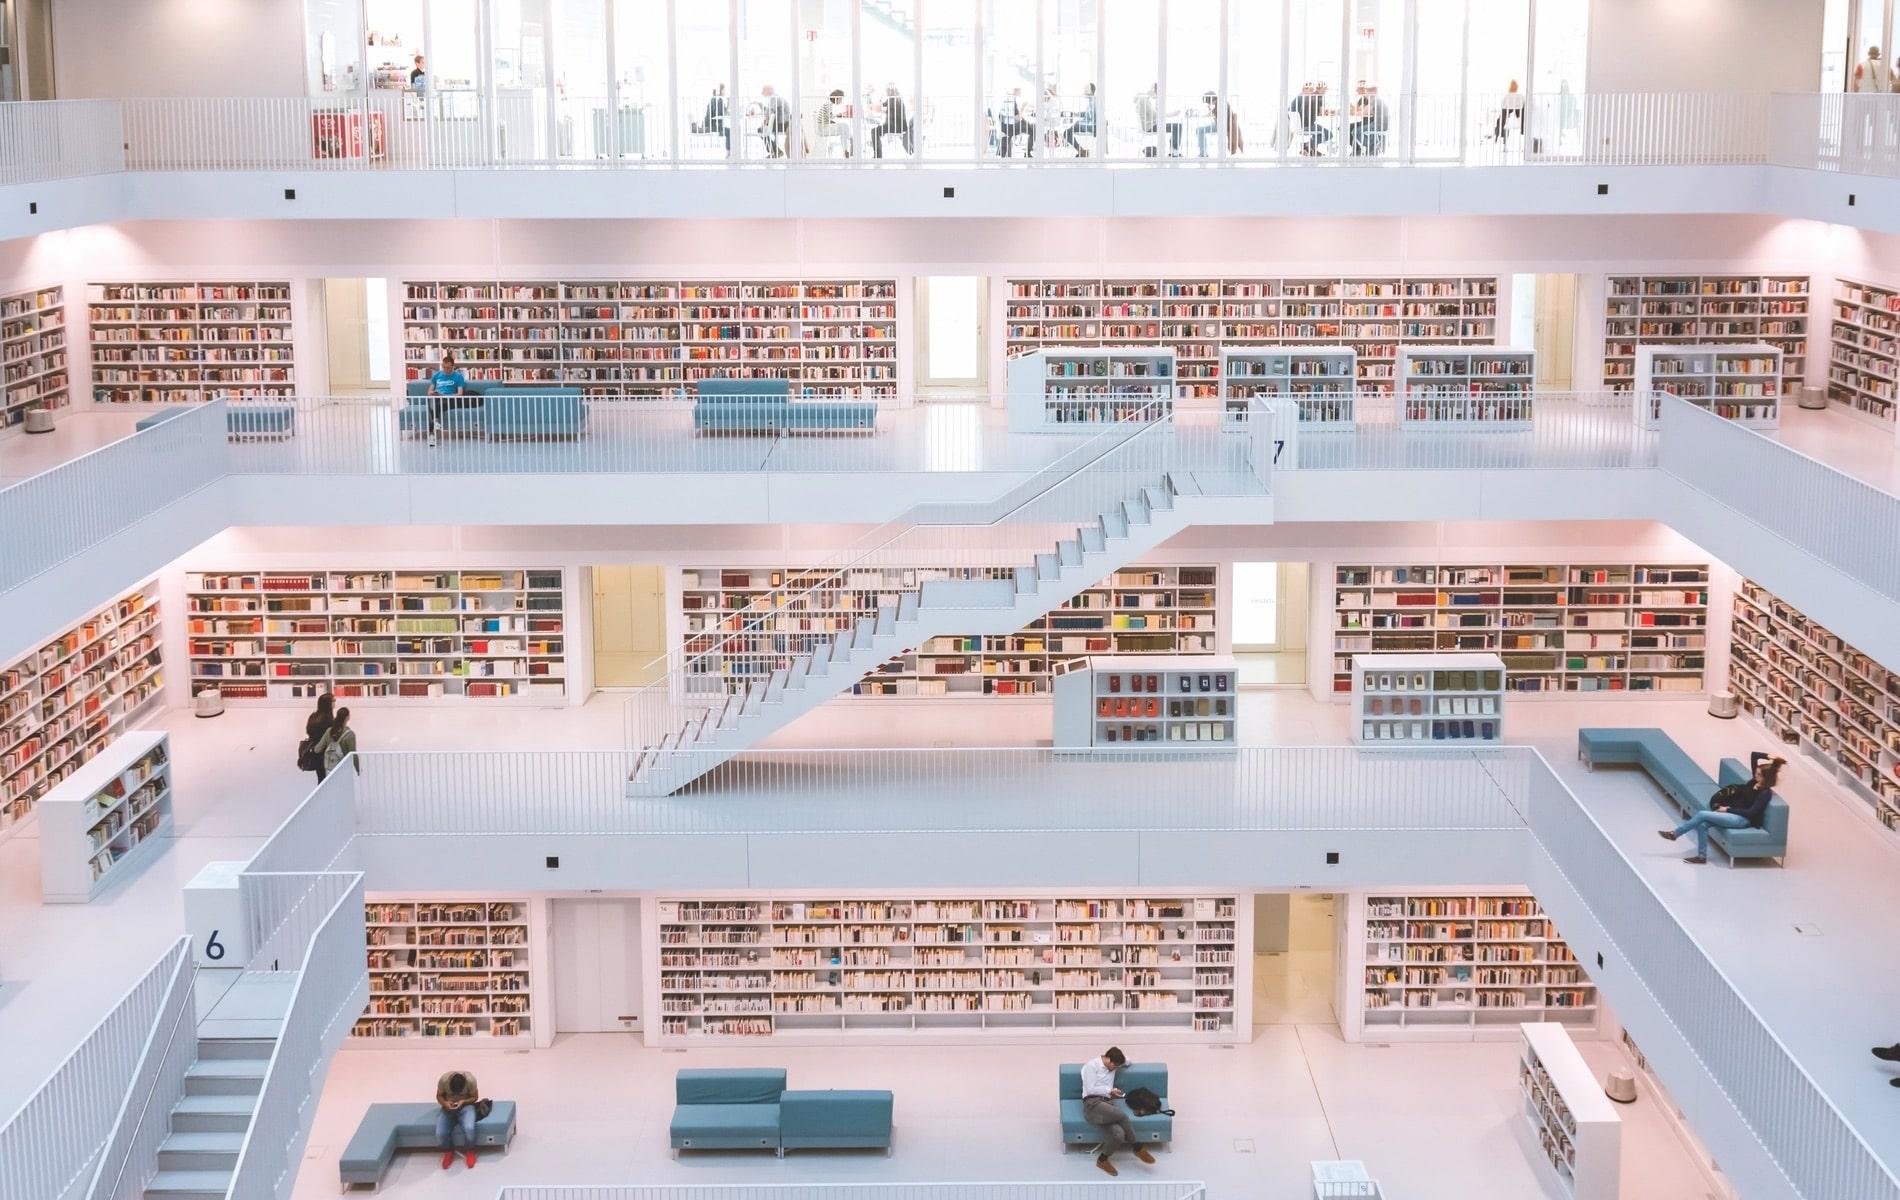 VIE Magazine, VIE Book Club The Readers Corner, Stadtbibliothek Stuttgart, Stuttgart Public Library